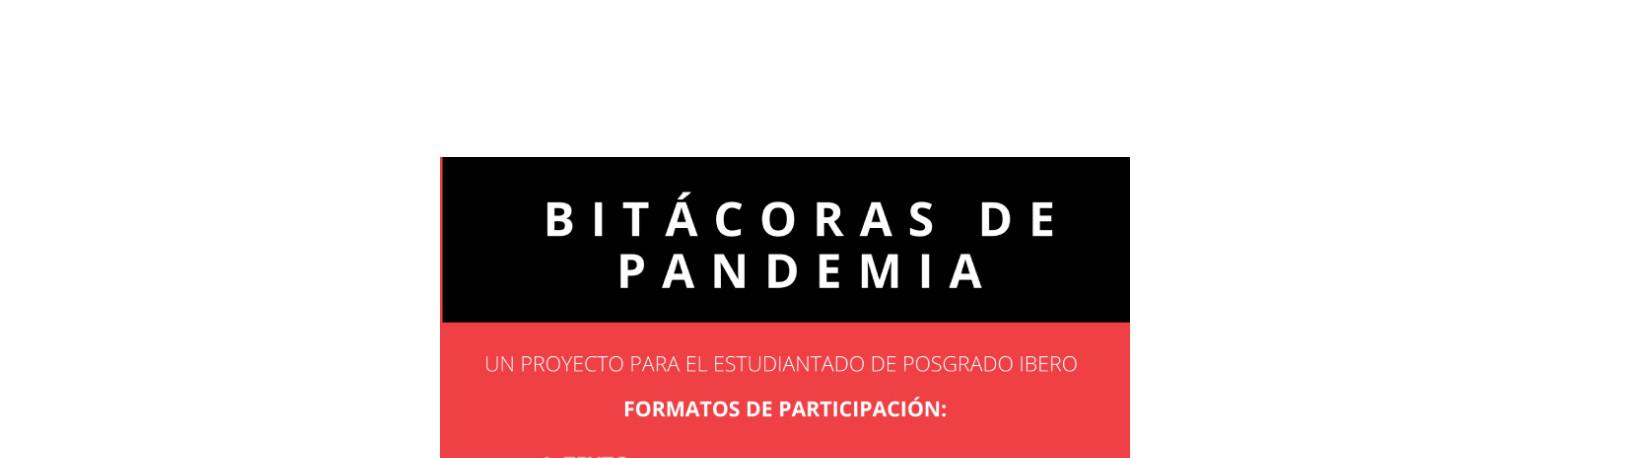 Participa en la convocatoria Bitácoras de Pandemia